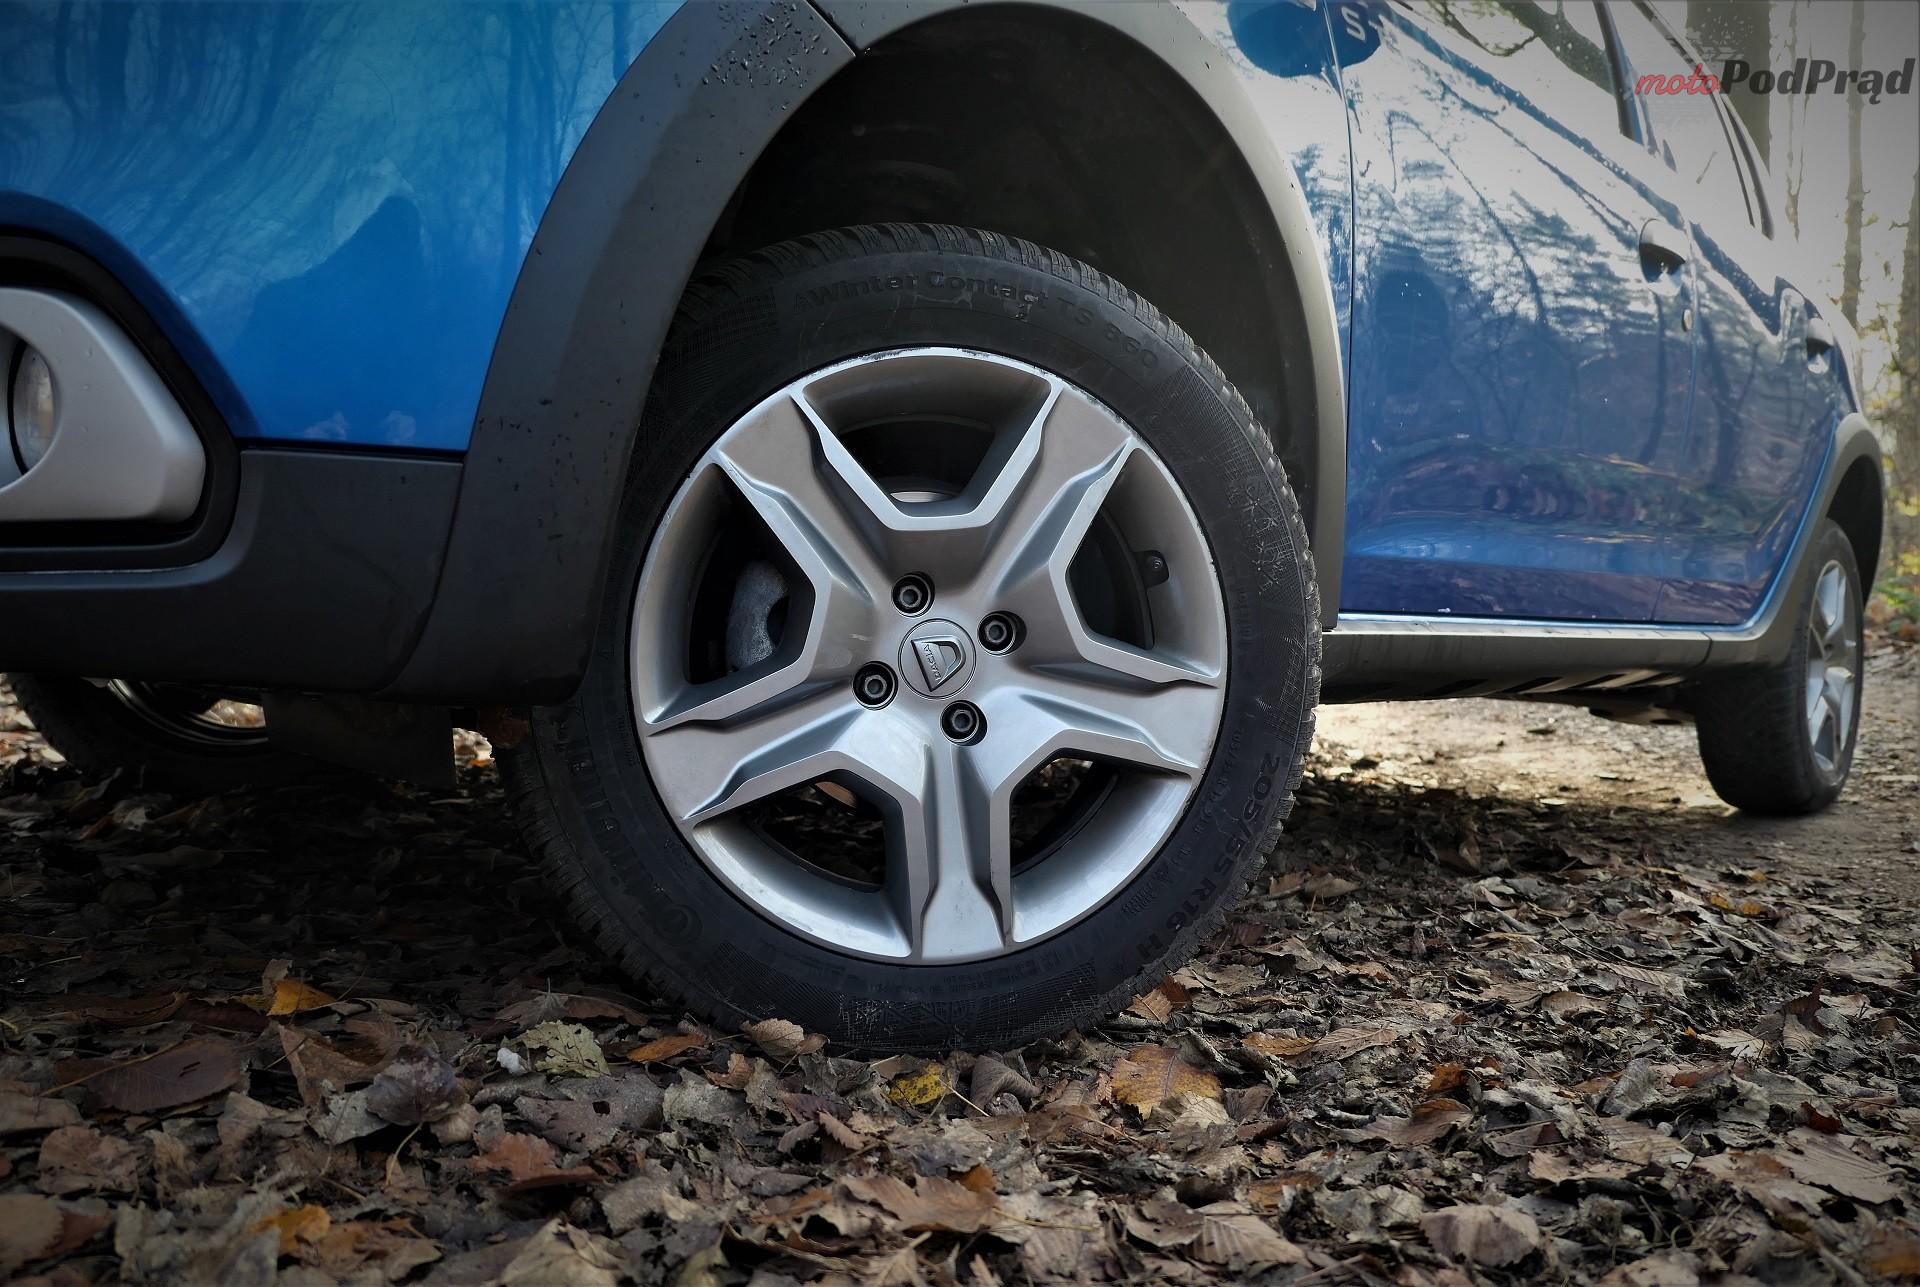 Dacia Sandero Stepway 17 Test: Dacia Sandero Stepway   w prostocie siła